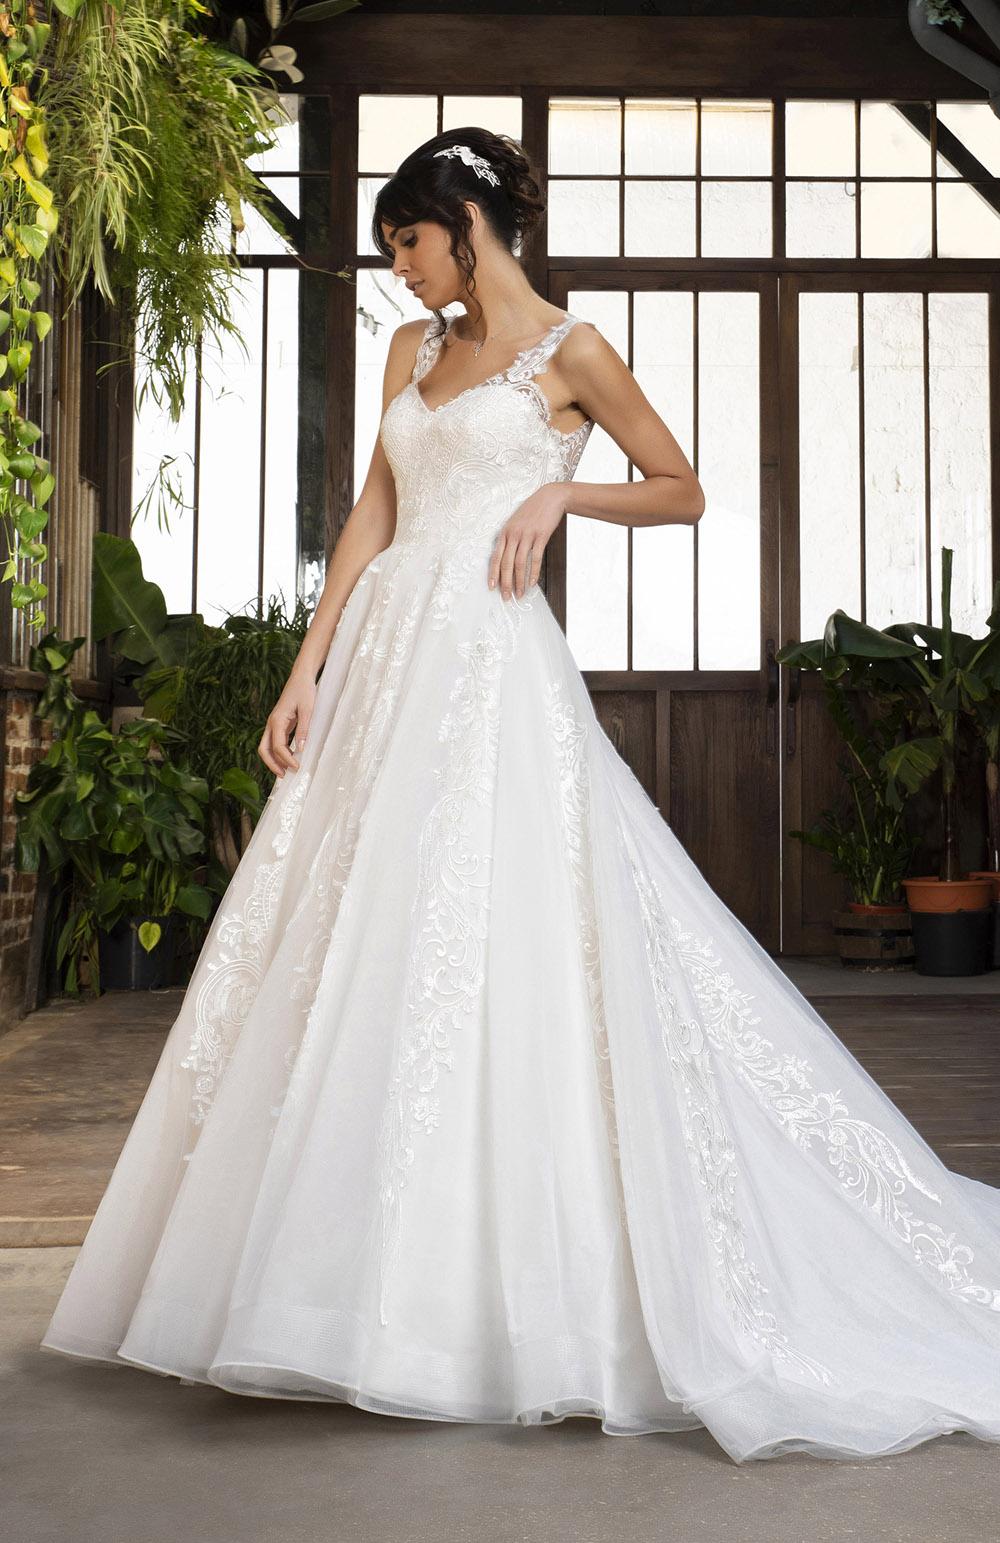 Robe de mariée Modèle Carry